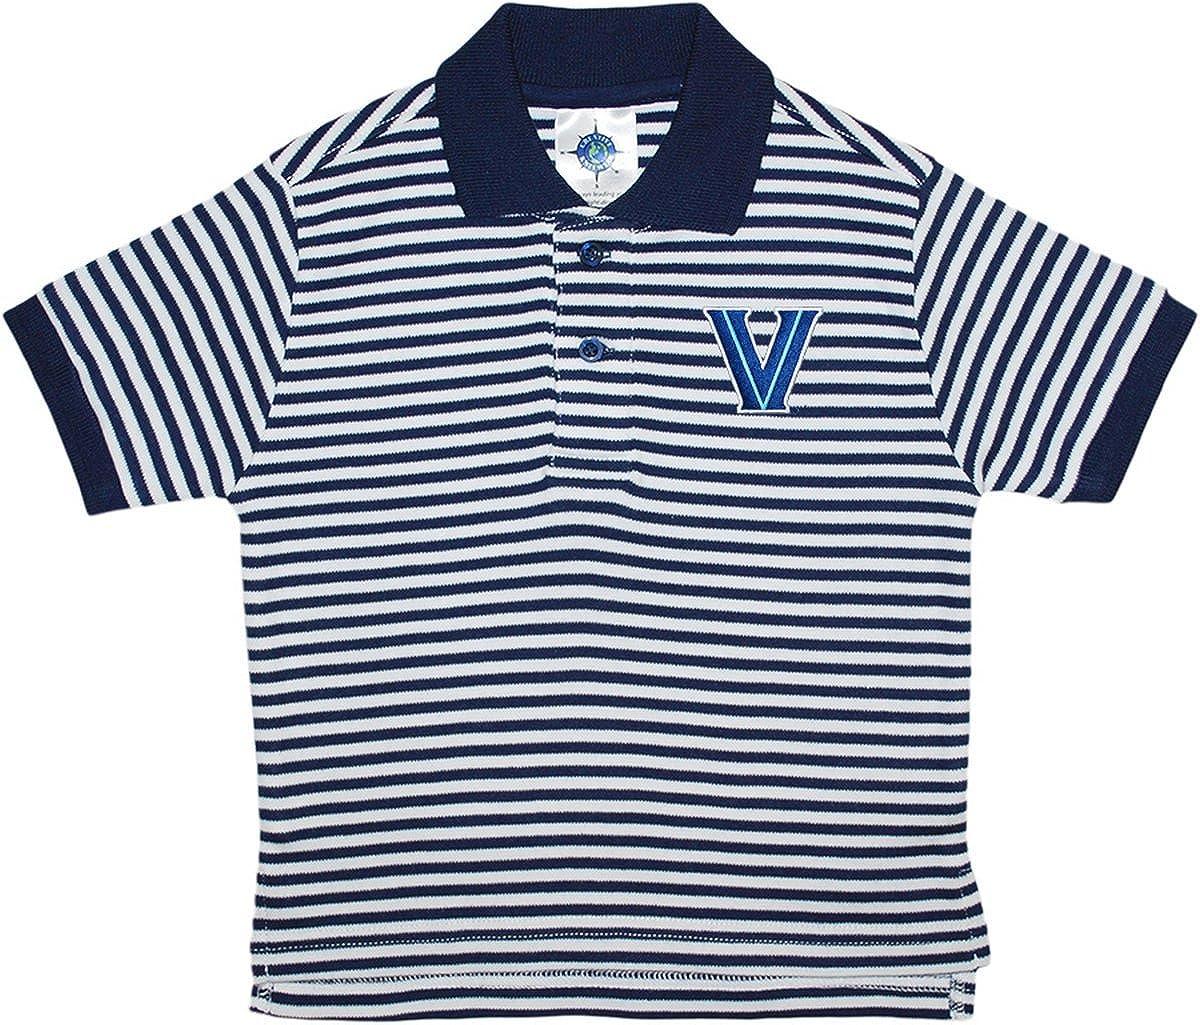 【超歓迎】 Creative Knitwear Knitwear SHIRT ユニセックスベビー SHIRT 2T 2T ネイビー B071L12QKB, all blue.:95581a6f --- a0267596.xsph.ru